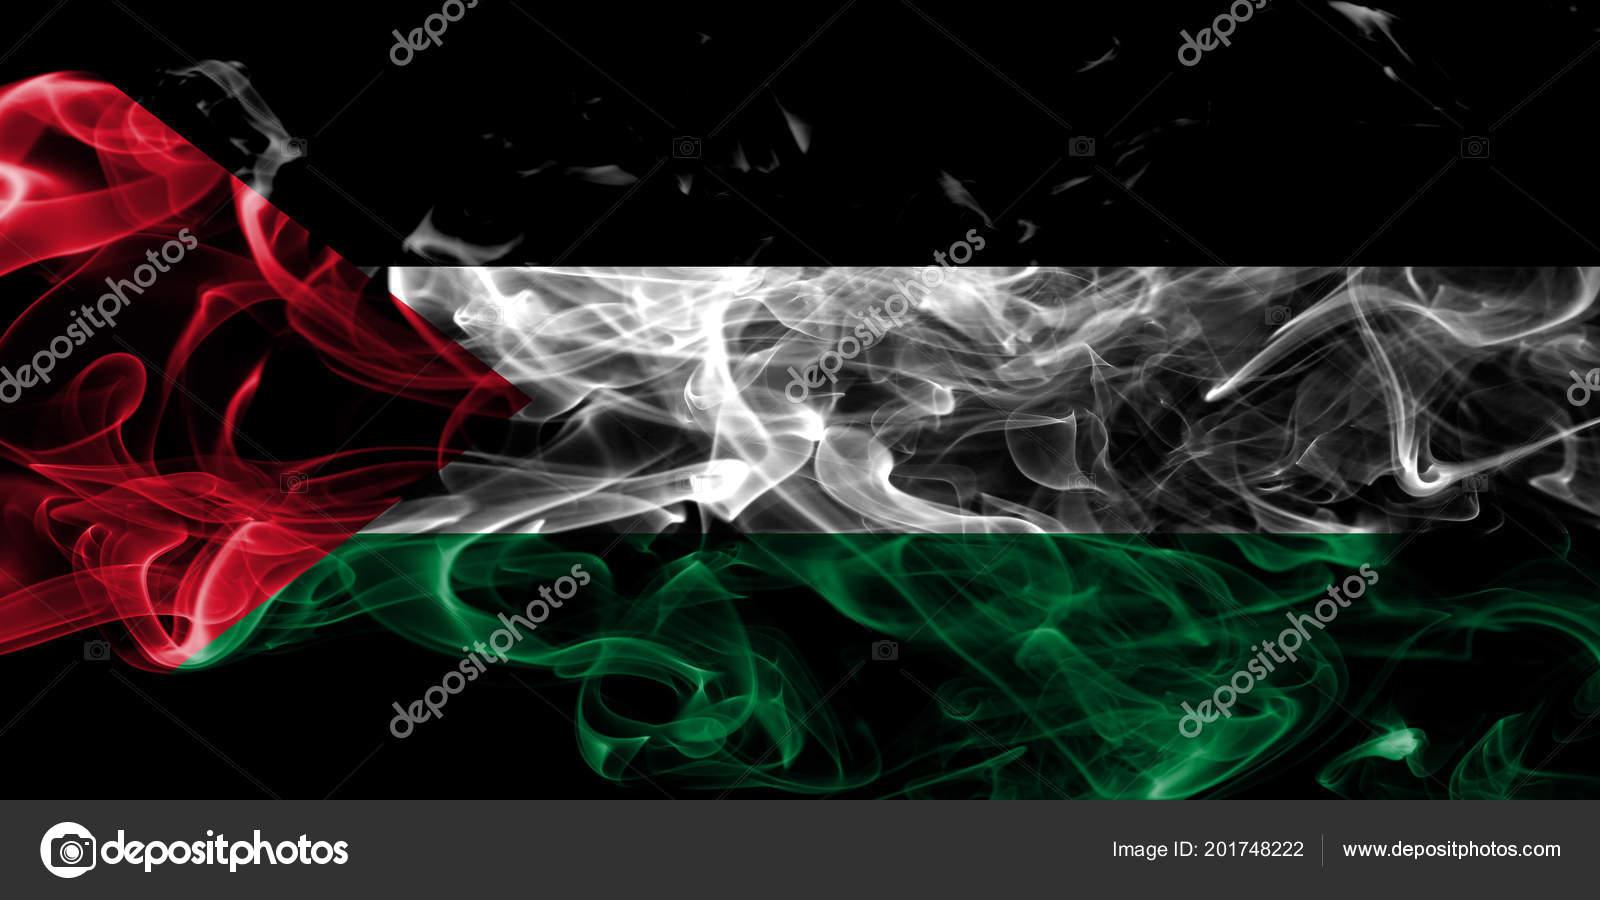 Palestine Smoke Flag Black Background Stock Photo Vladem